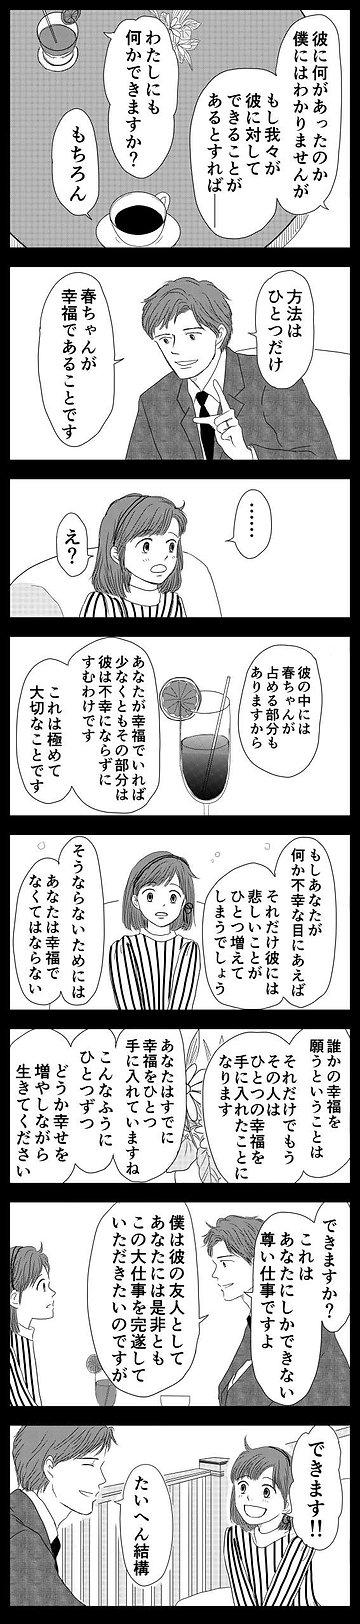 幸福について09.jpg